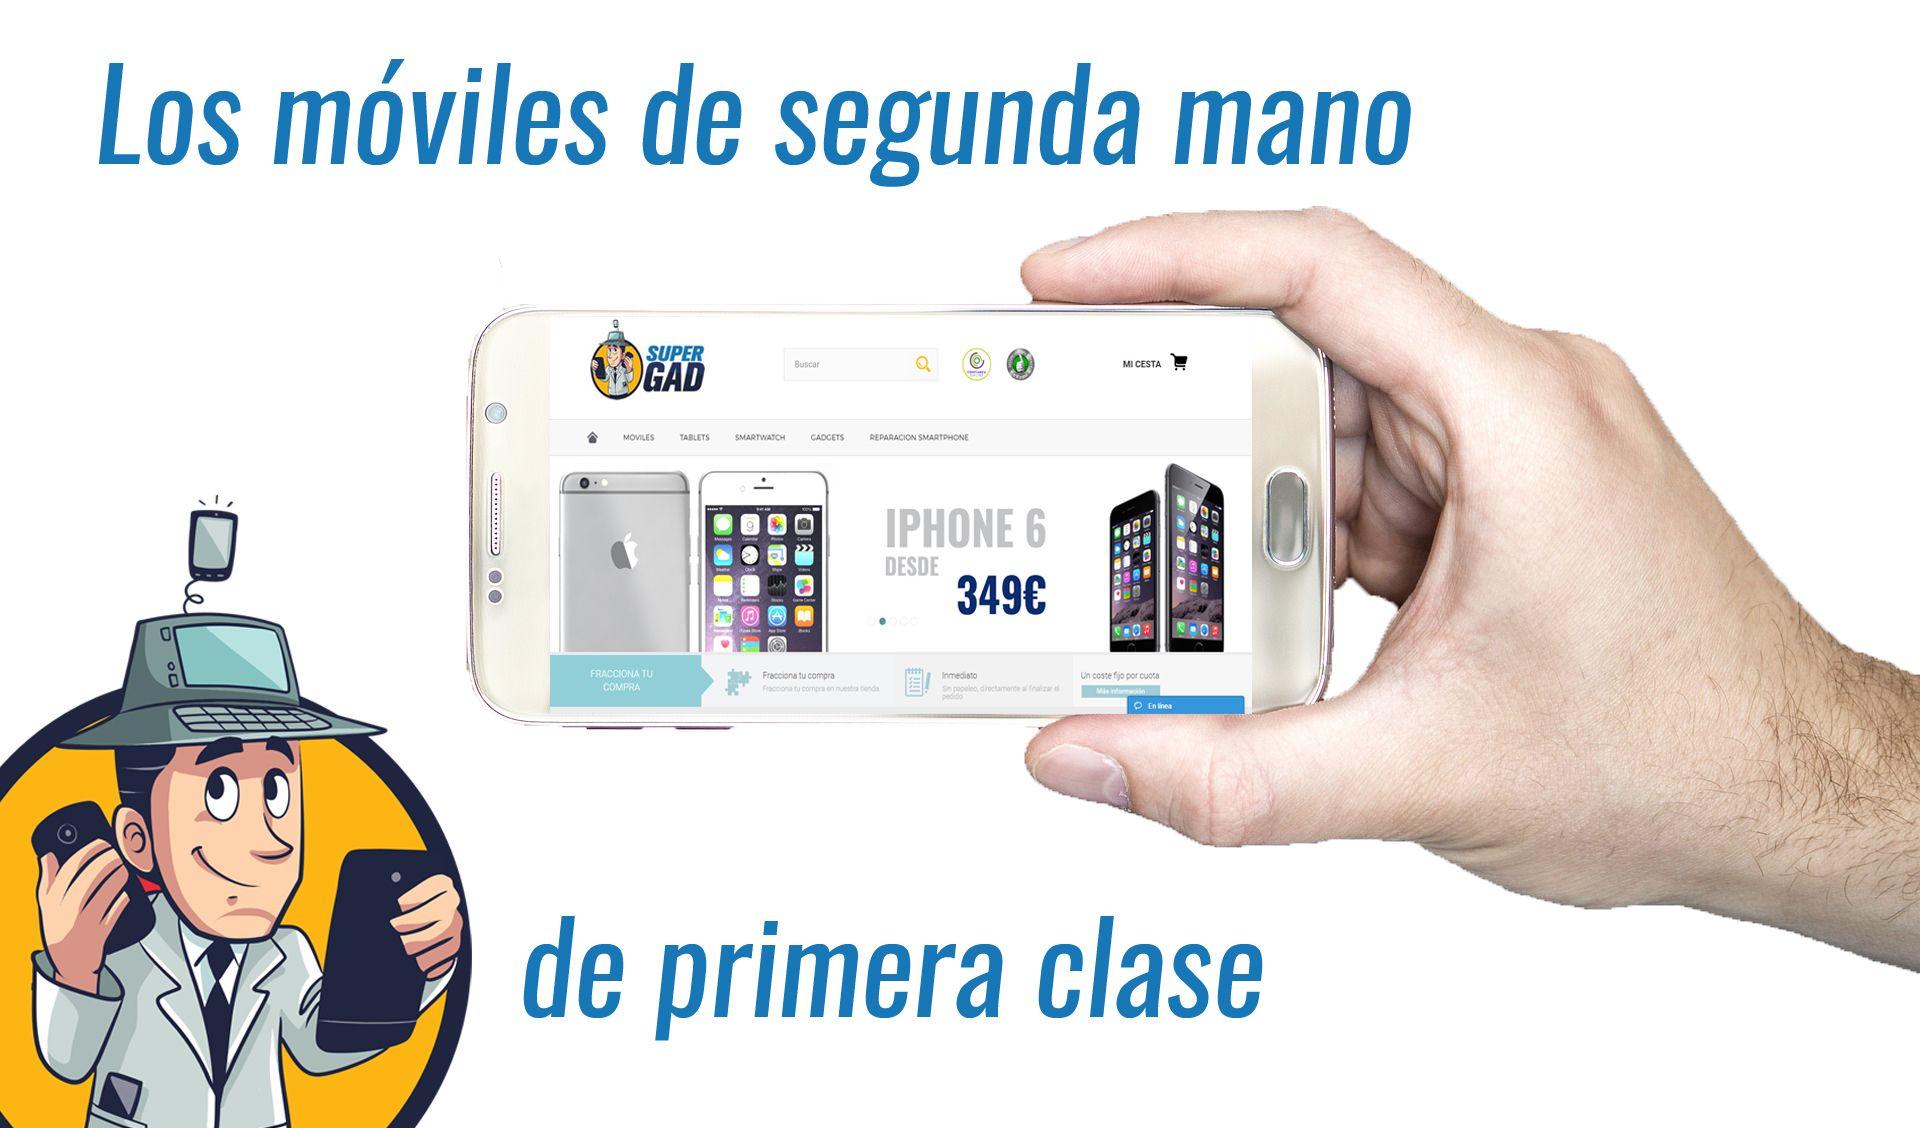 Fotografia Móviles Segunda Mano Supergad.com